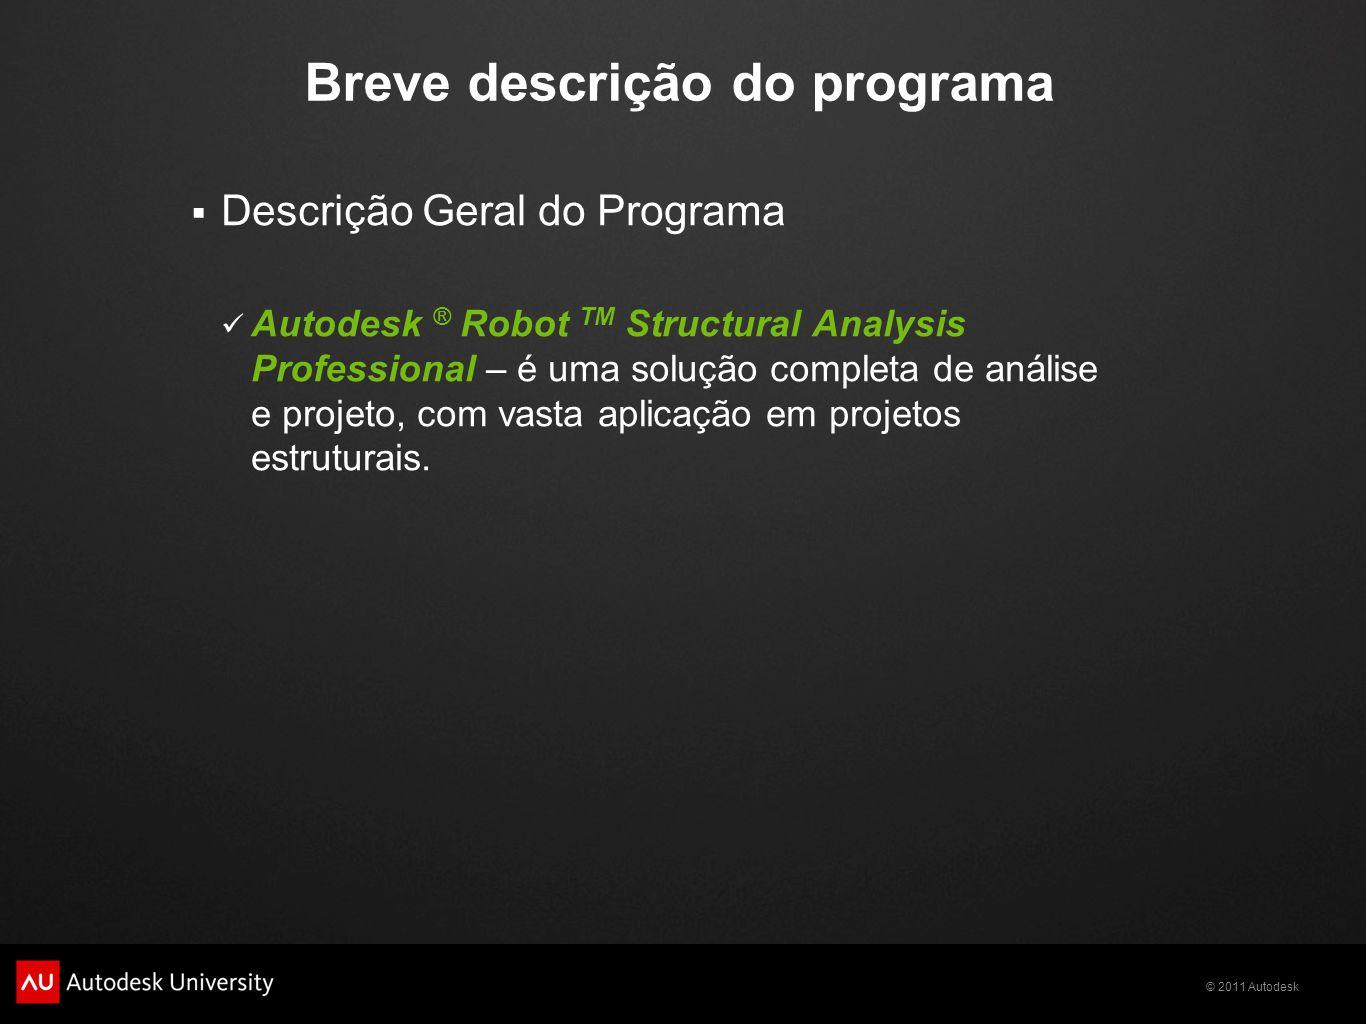 © 2011 Autodesk Breve descrição do programa  Descrição Geral do Programa Autodesk ® Robot TM Structural Analysis Professional – é uma solução completa de análise e projeto, com vasta aplicação em projetos estruturais.